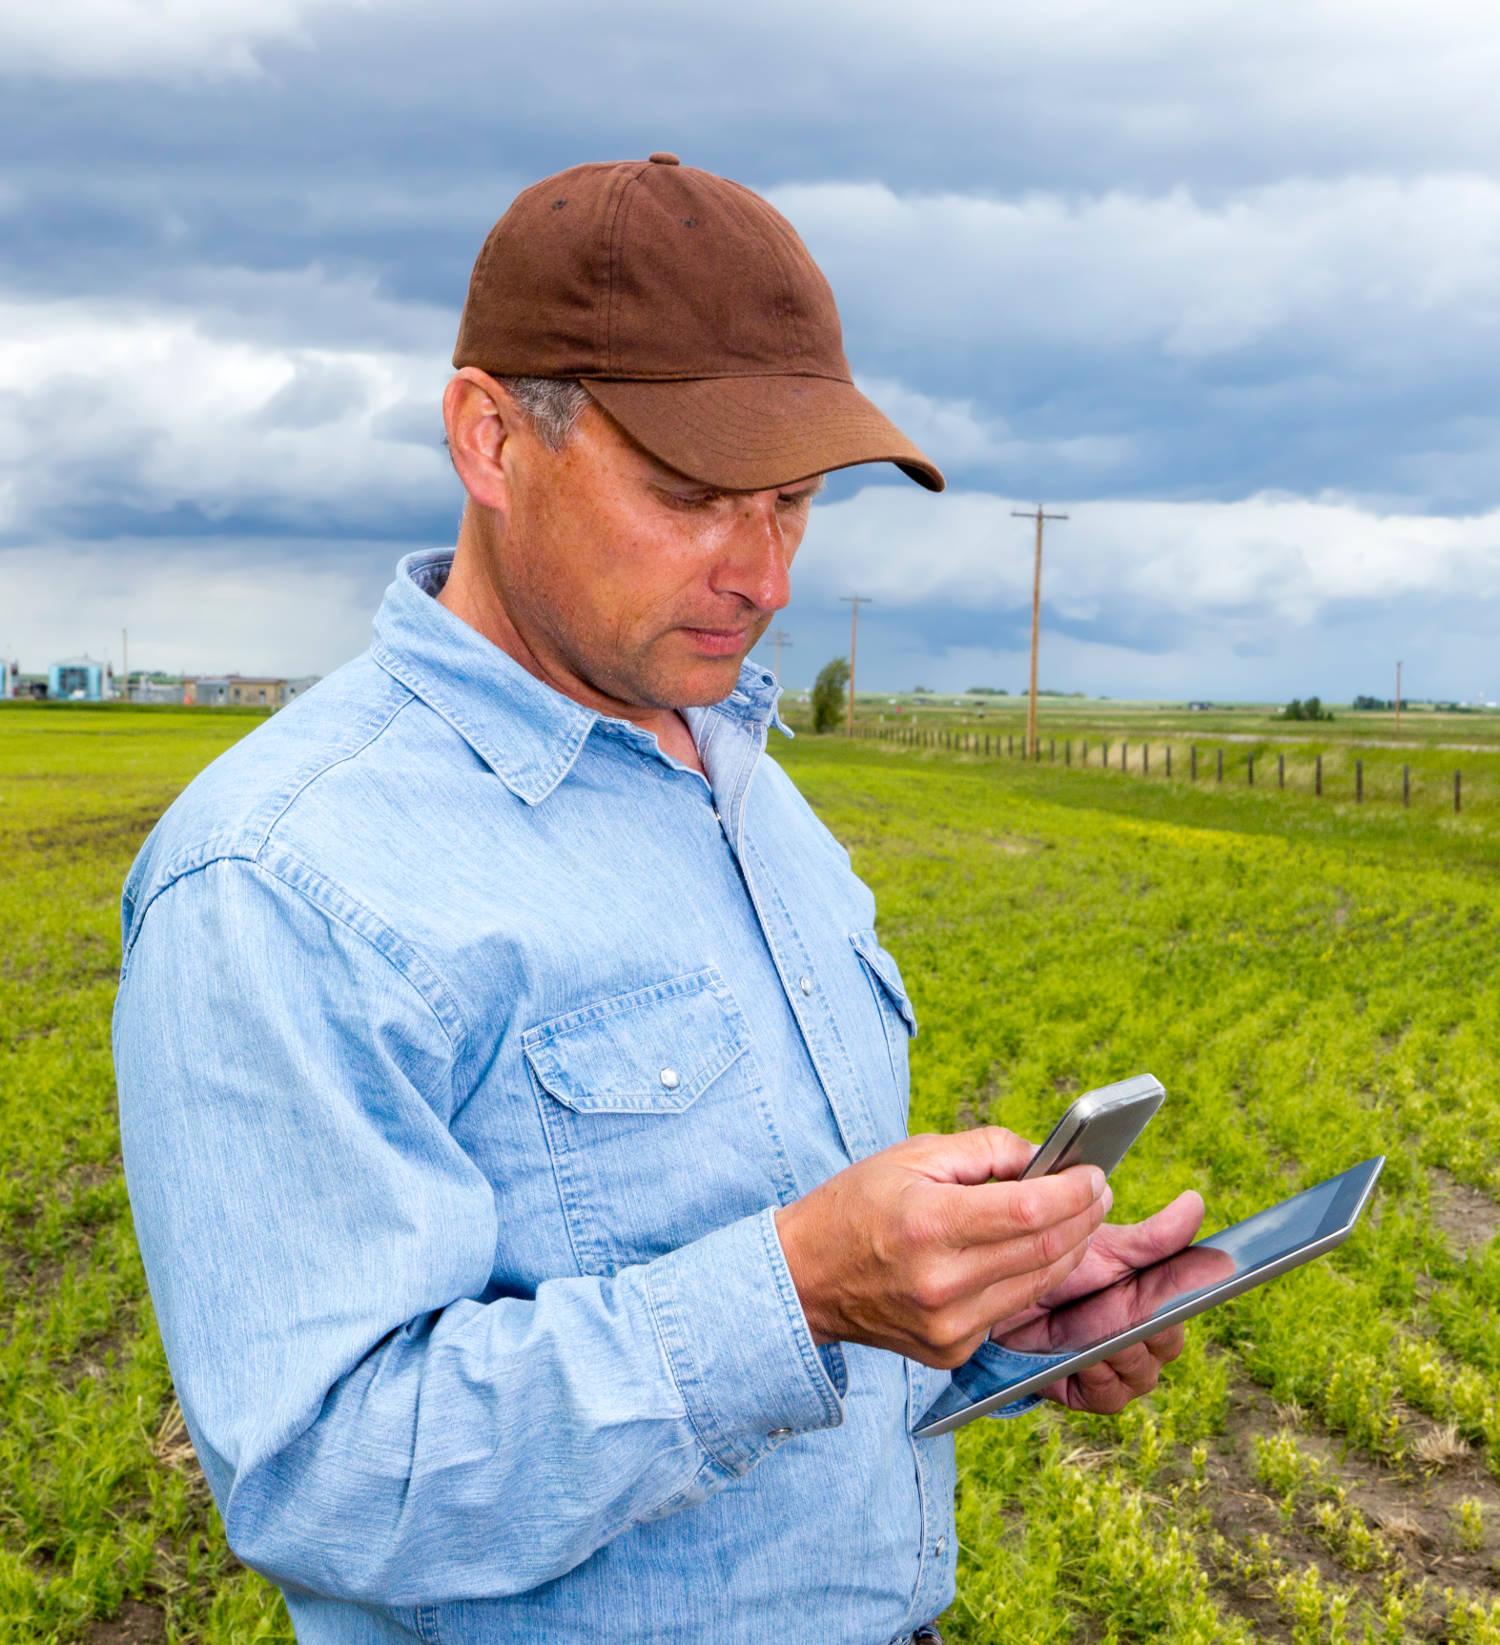 Multitasking Farmer or Agronomist